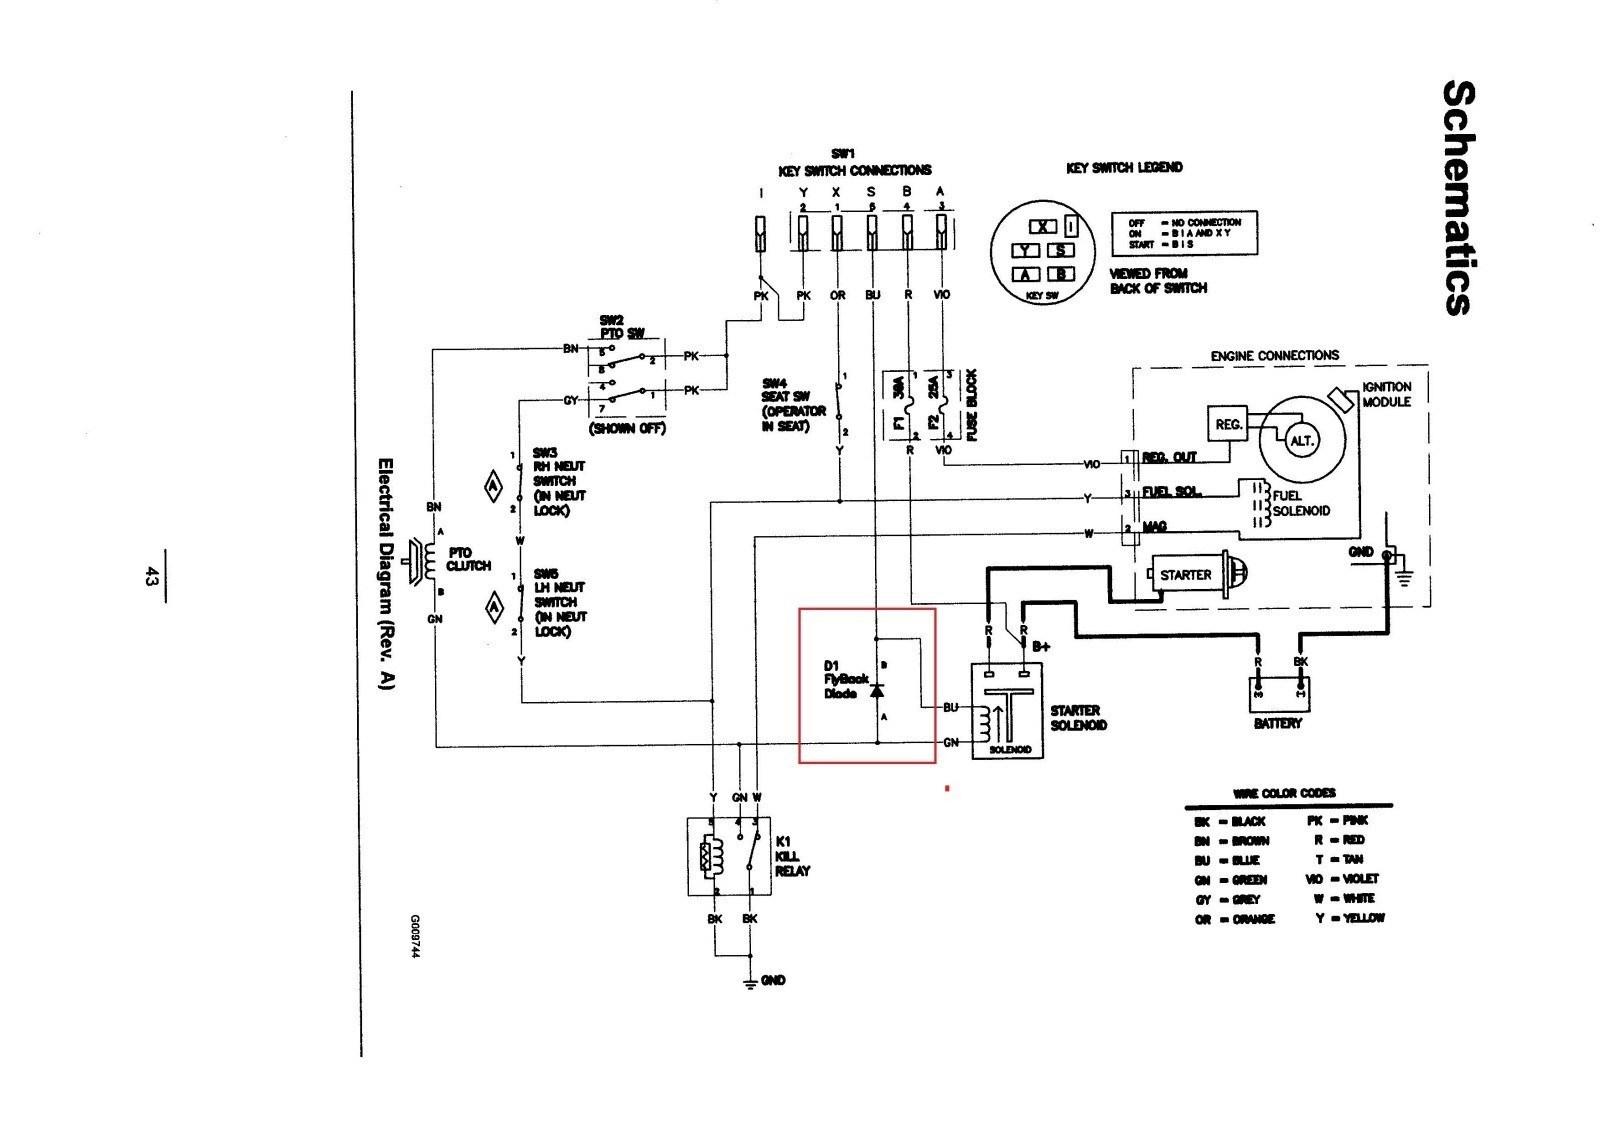 Bobcat 7 Pin Wiring - Wiring Block Diagram - 7 Pin Plug Wiring Diagram